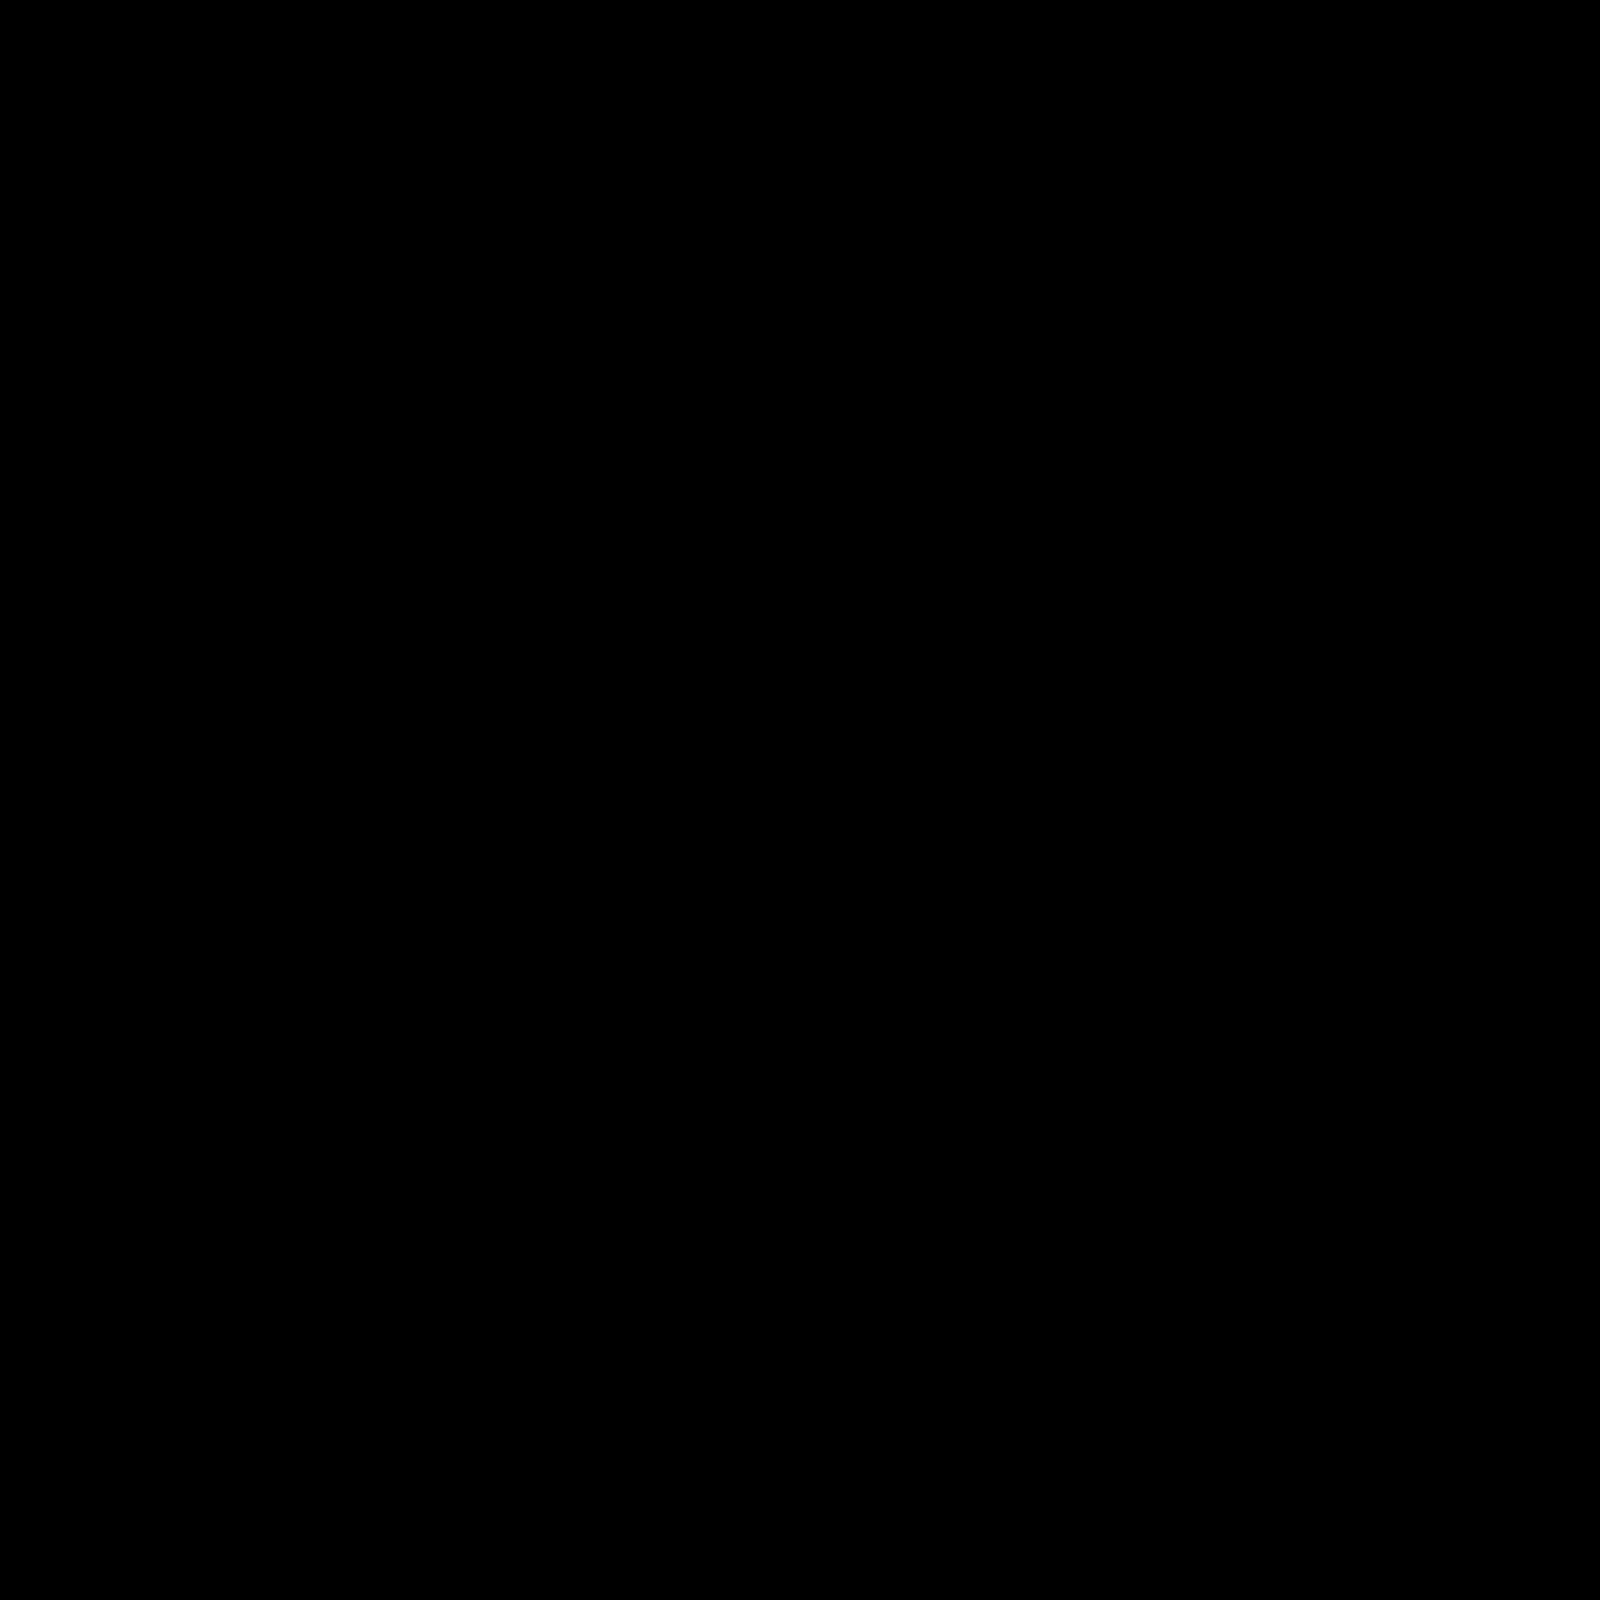 リサイズ icon. There is a square with a solid stroke with an arrow coming out of the top right corner, but all of this is enclosed in a larger square which has a dotted stroke, except for the bottom left quarter of the square, where the original square is solid.